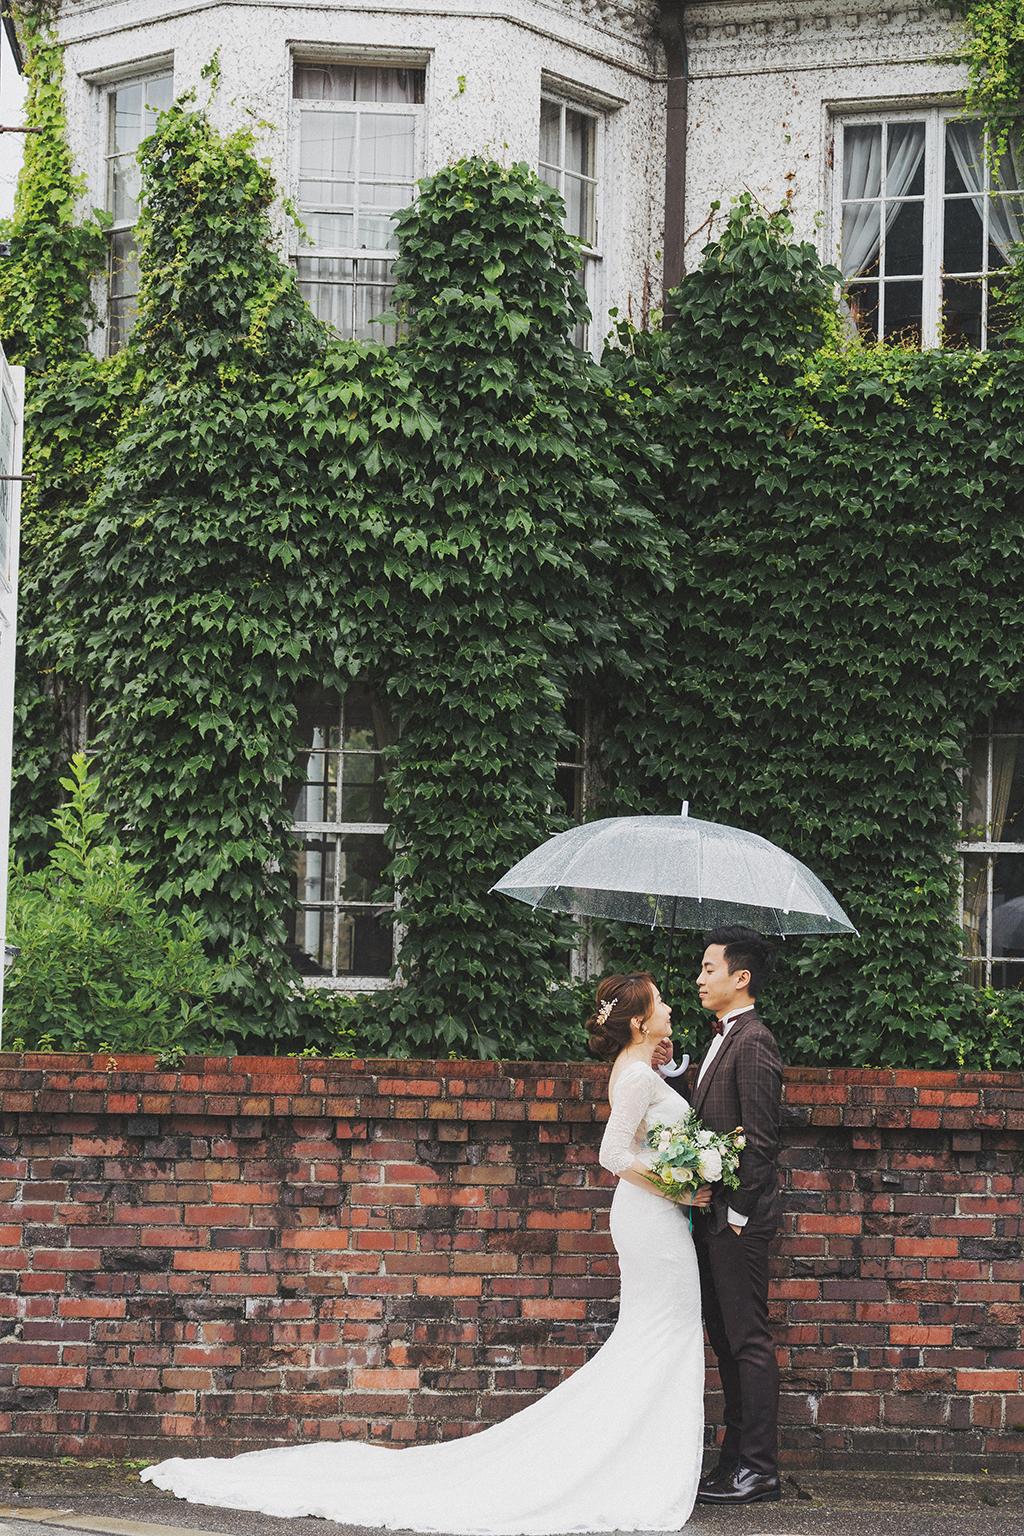 這天的天氣和前一天完全相反,下著綿綿的細雨,透明傘不只是有用途也替陰雨增添了浪漫的氛圍。 真的覺得Monica這身魚尾白紗在Gaspel的優雅氛圍好搭。